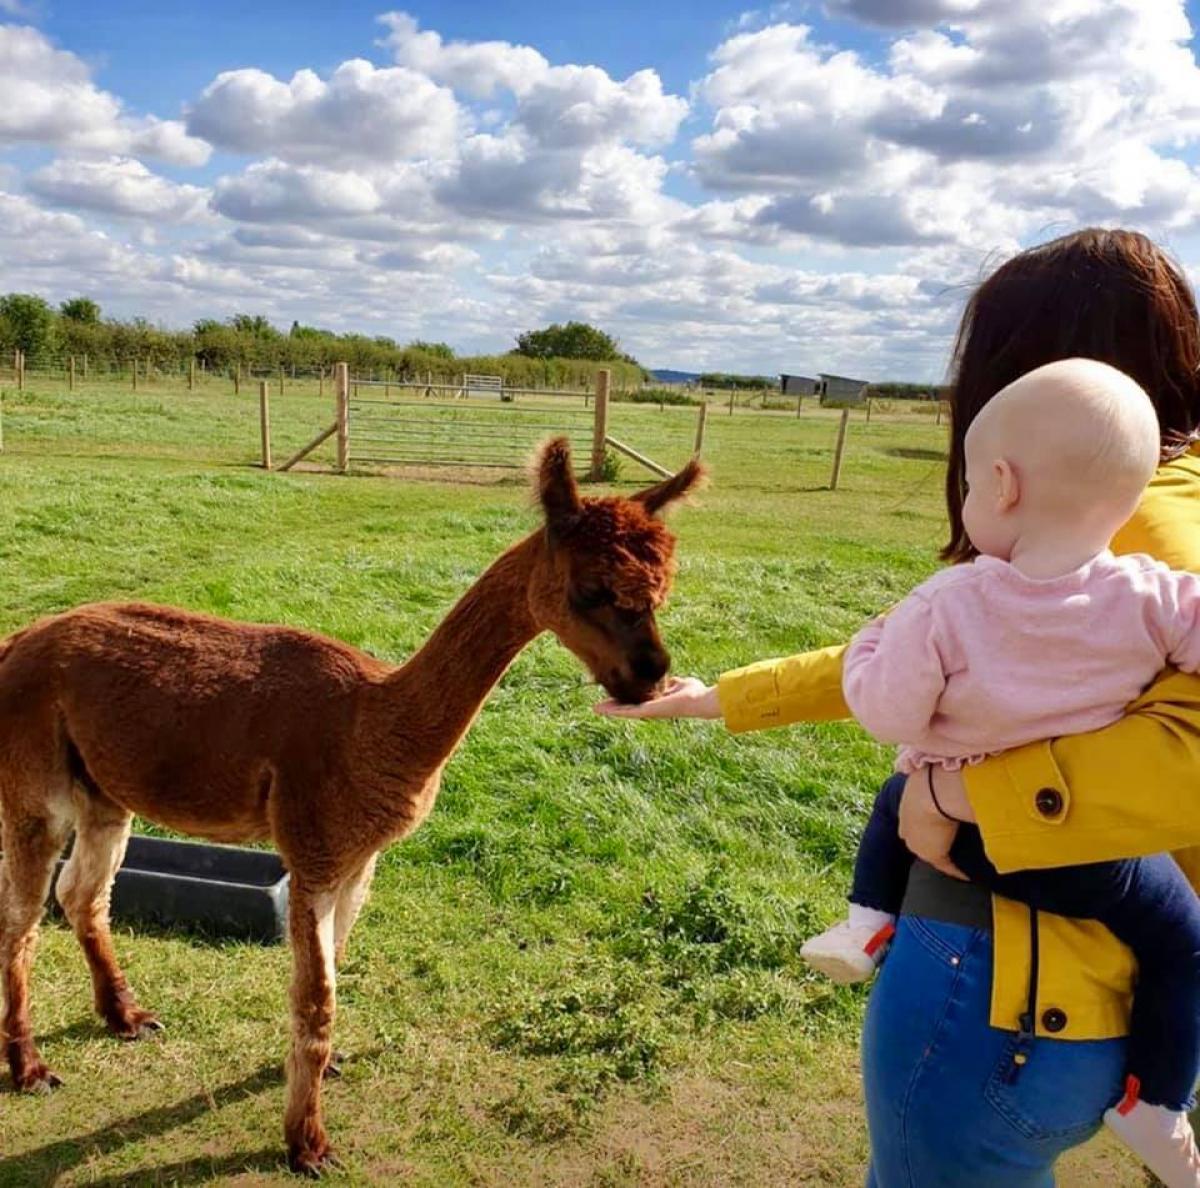 Images from JandJ Alpacas